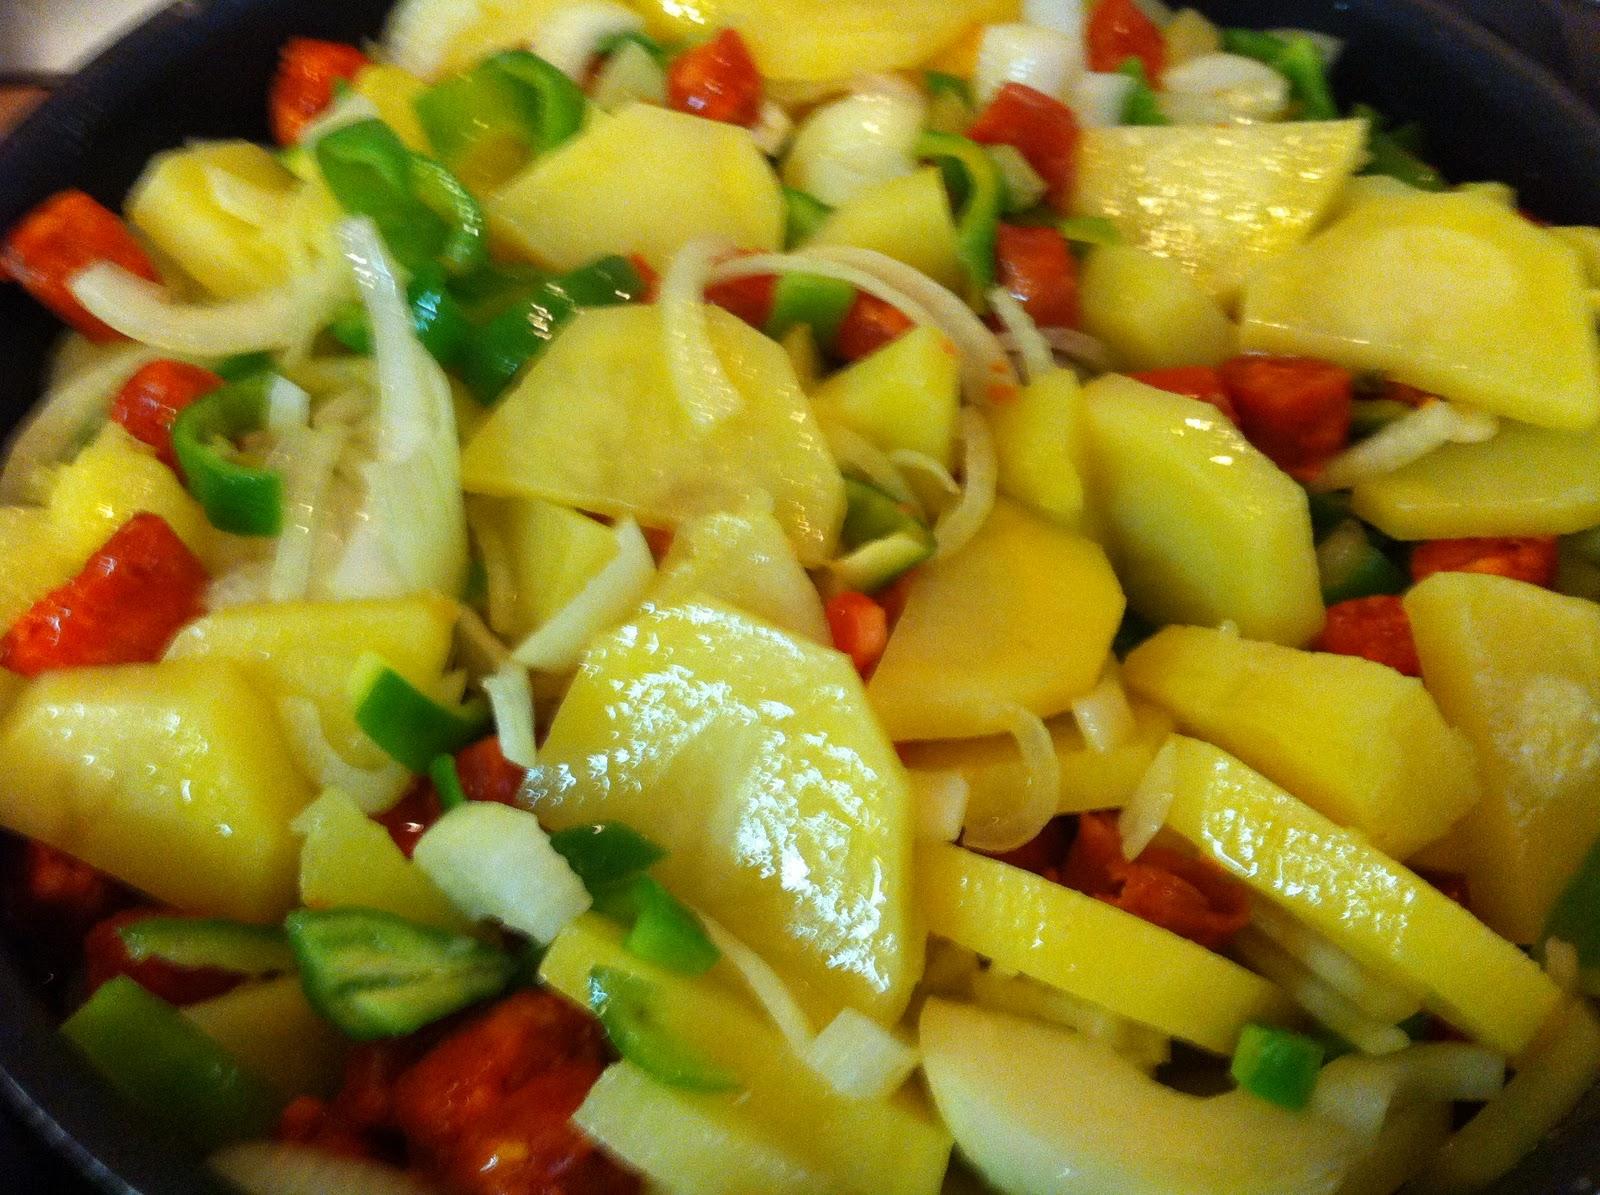 Mis secretos de cocina patatas de la feria - Cuanto tarda en cocer una patata ...